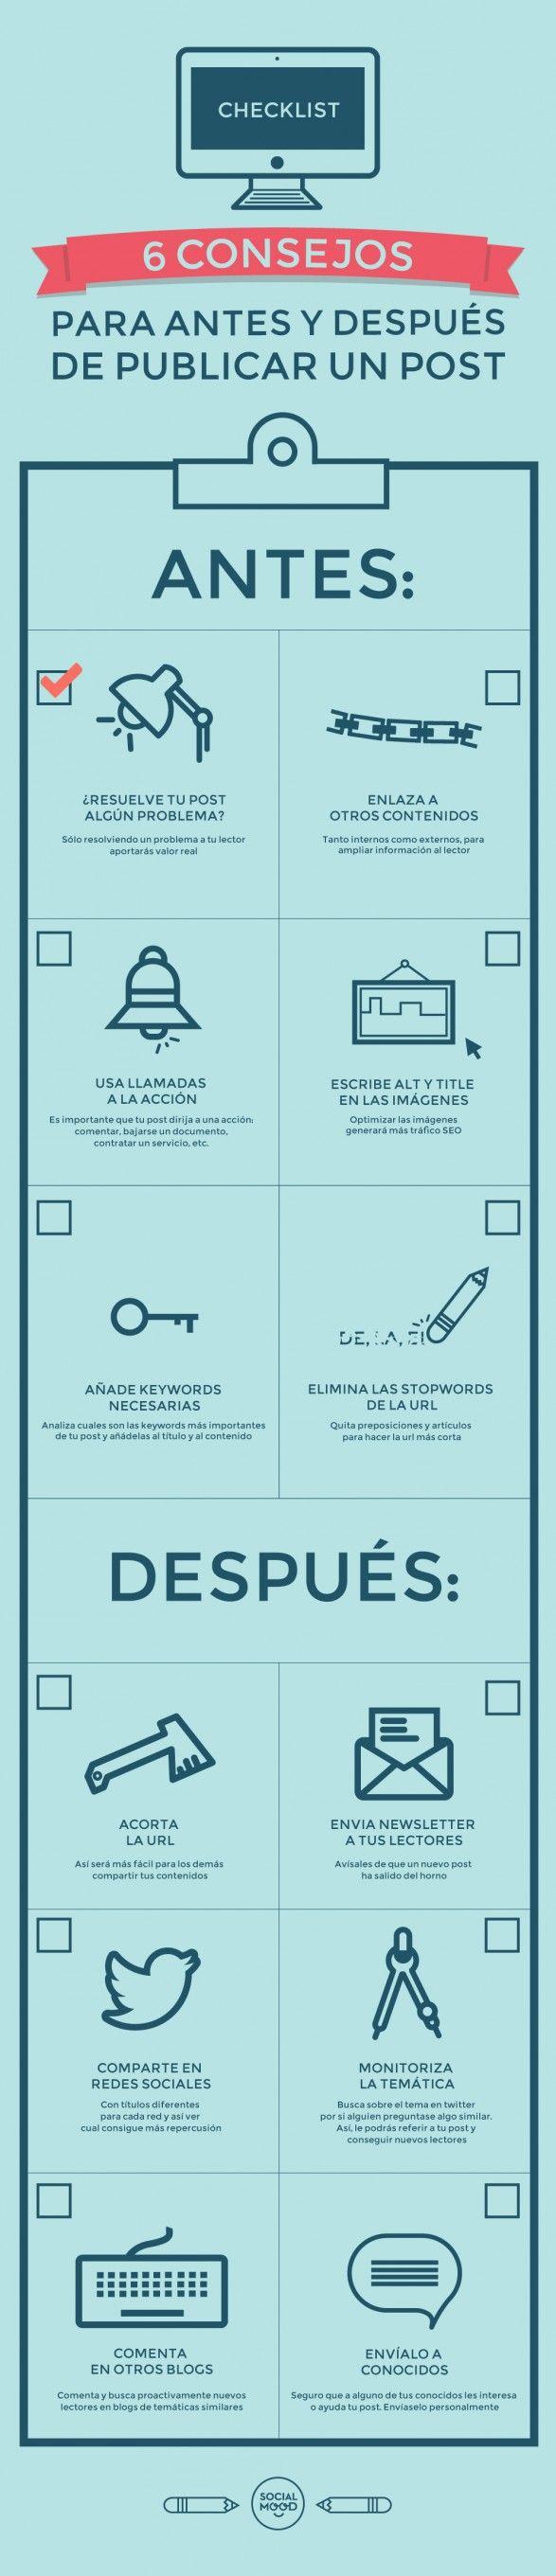 6 consejos para antes y después de publicar un post. #Infografía en español #CommunityManager #RedesSociales #MarketingOnline #InternetMarketing #Infografia #CapacitaciónOnline